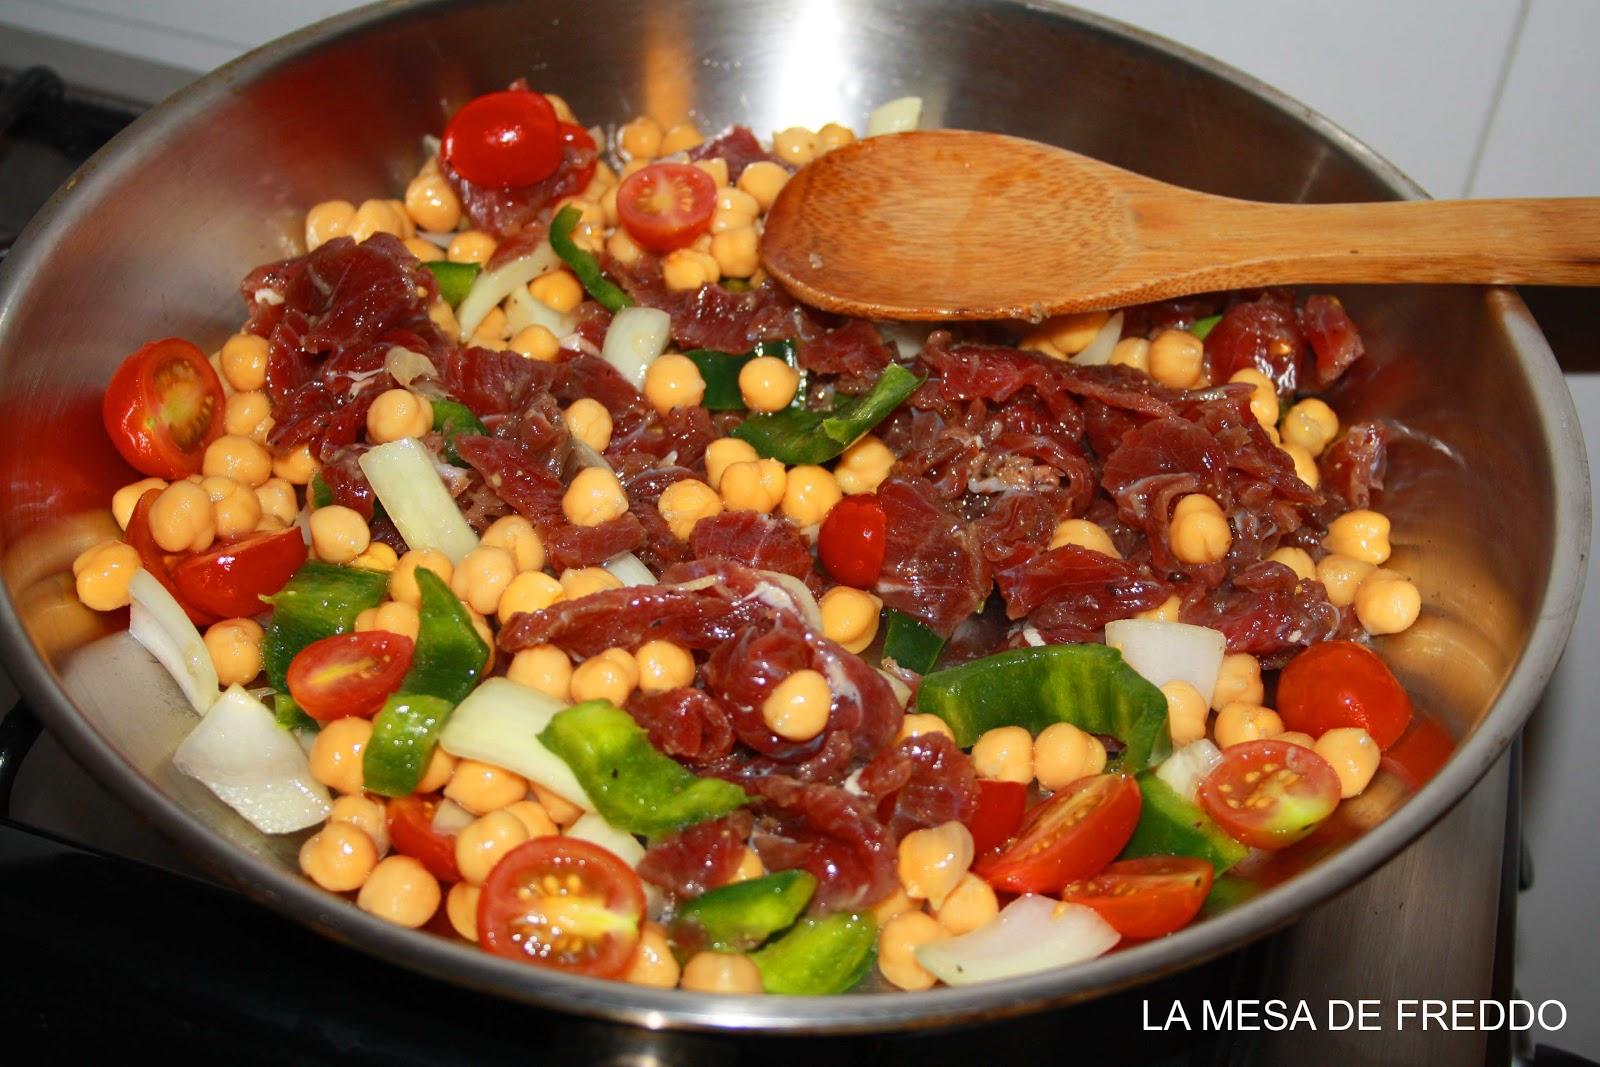 Cenas r pidas tiras de carne con garbanzos la mesa de - Cenas rapidas y sencillas y economicas ...